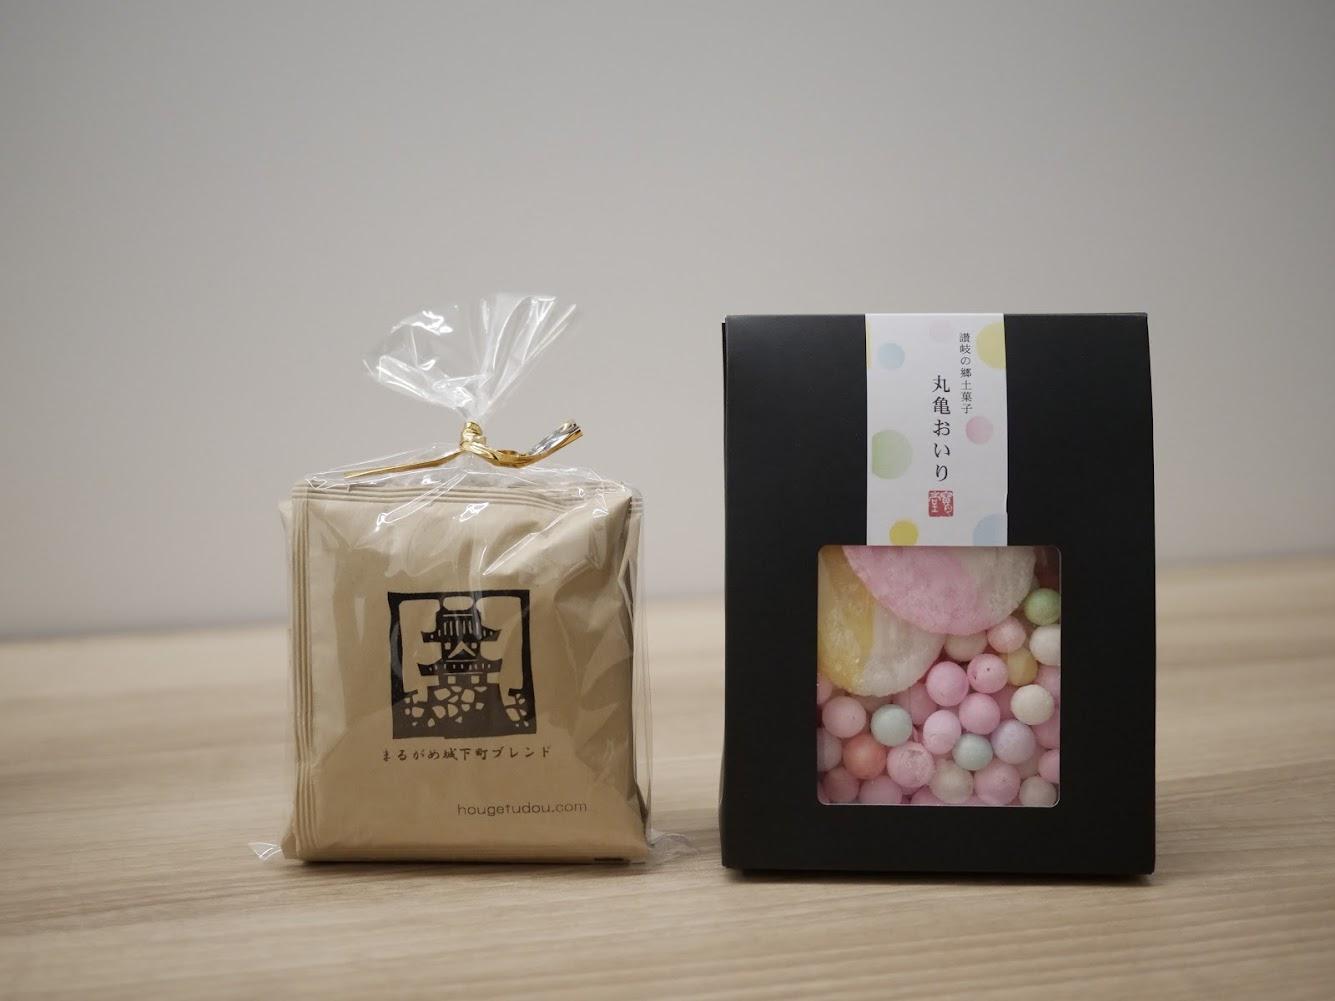 もち米からつくられた「おいり」と、和菓子に合うコーヒー